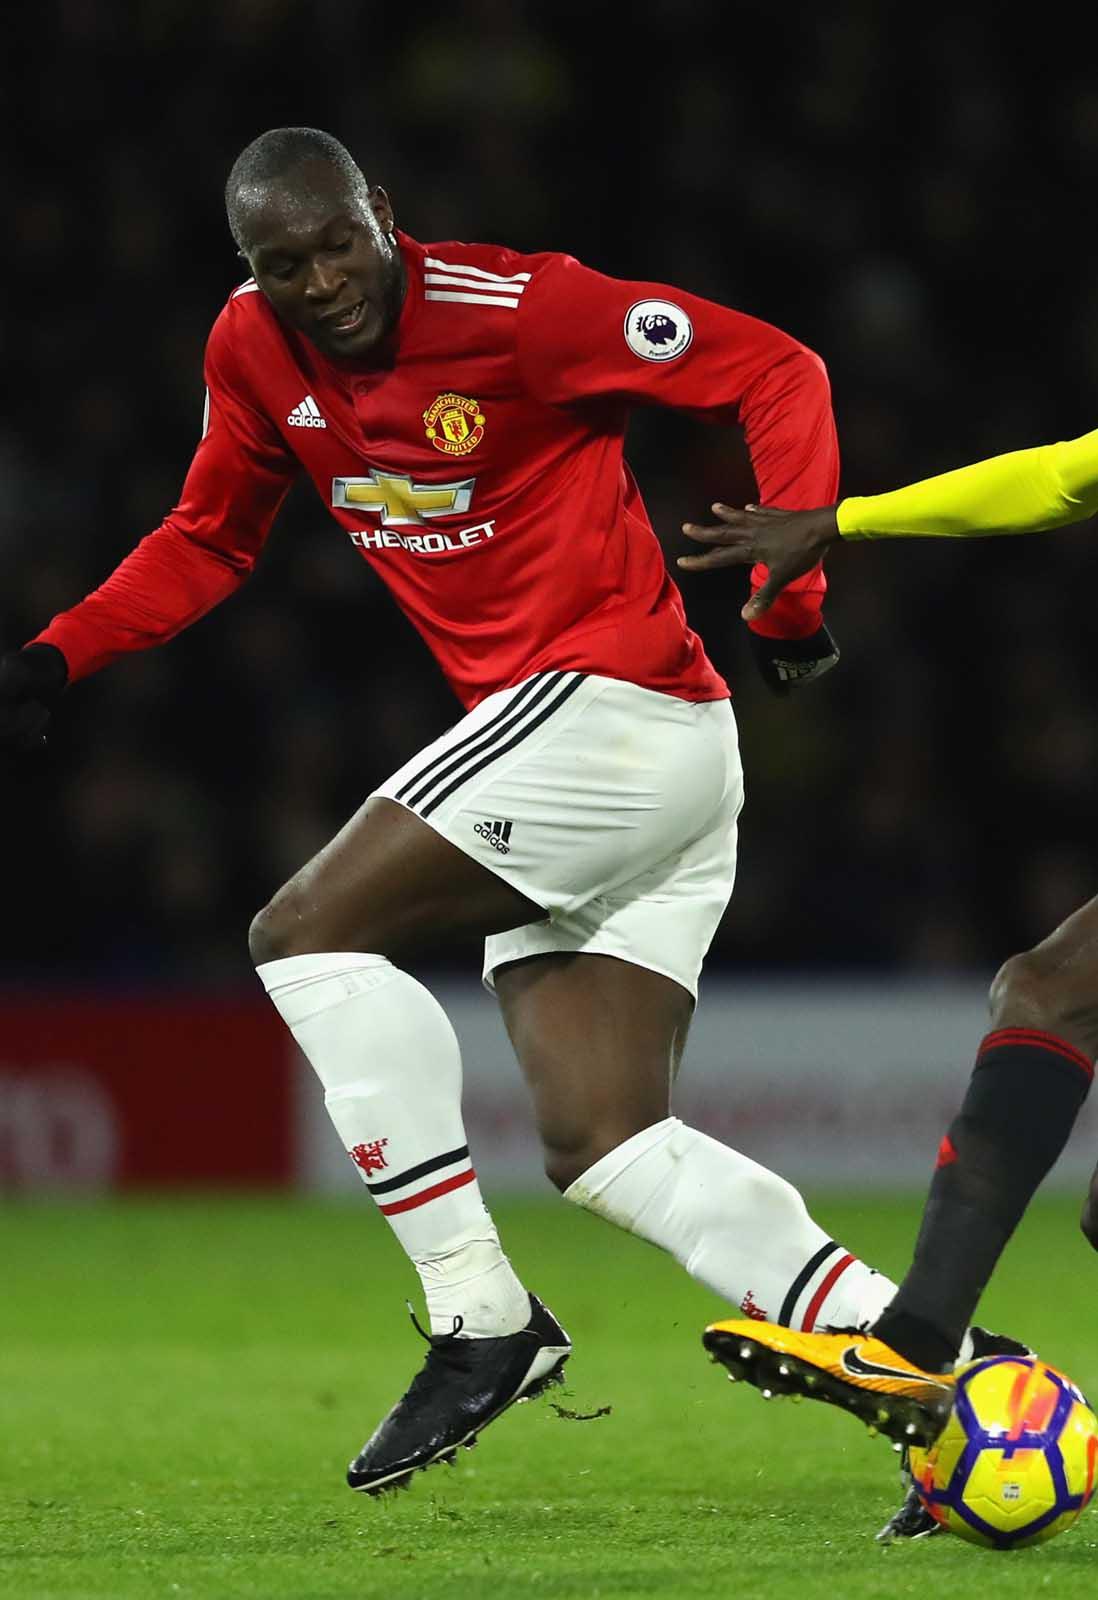 a1eba15b4efa Jose Mourinho Says Romelu Lukaku 'Needs a Big Boot Contract ...